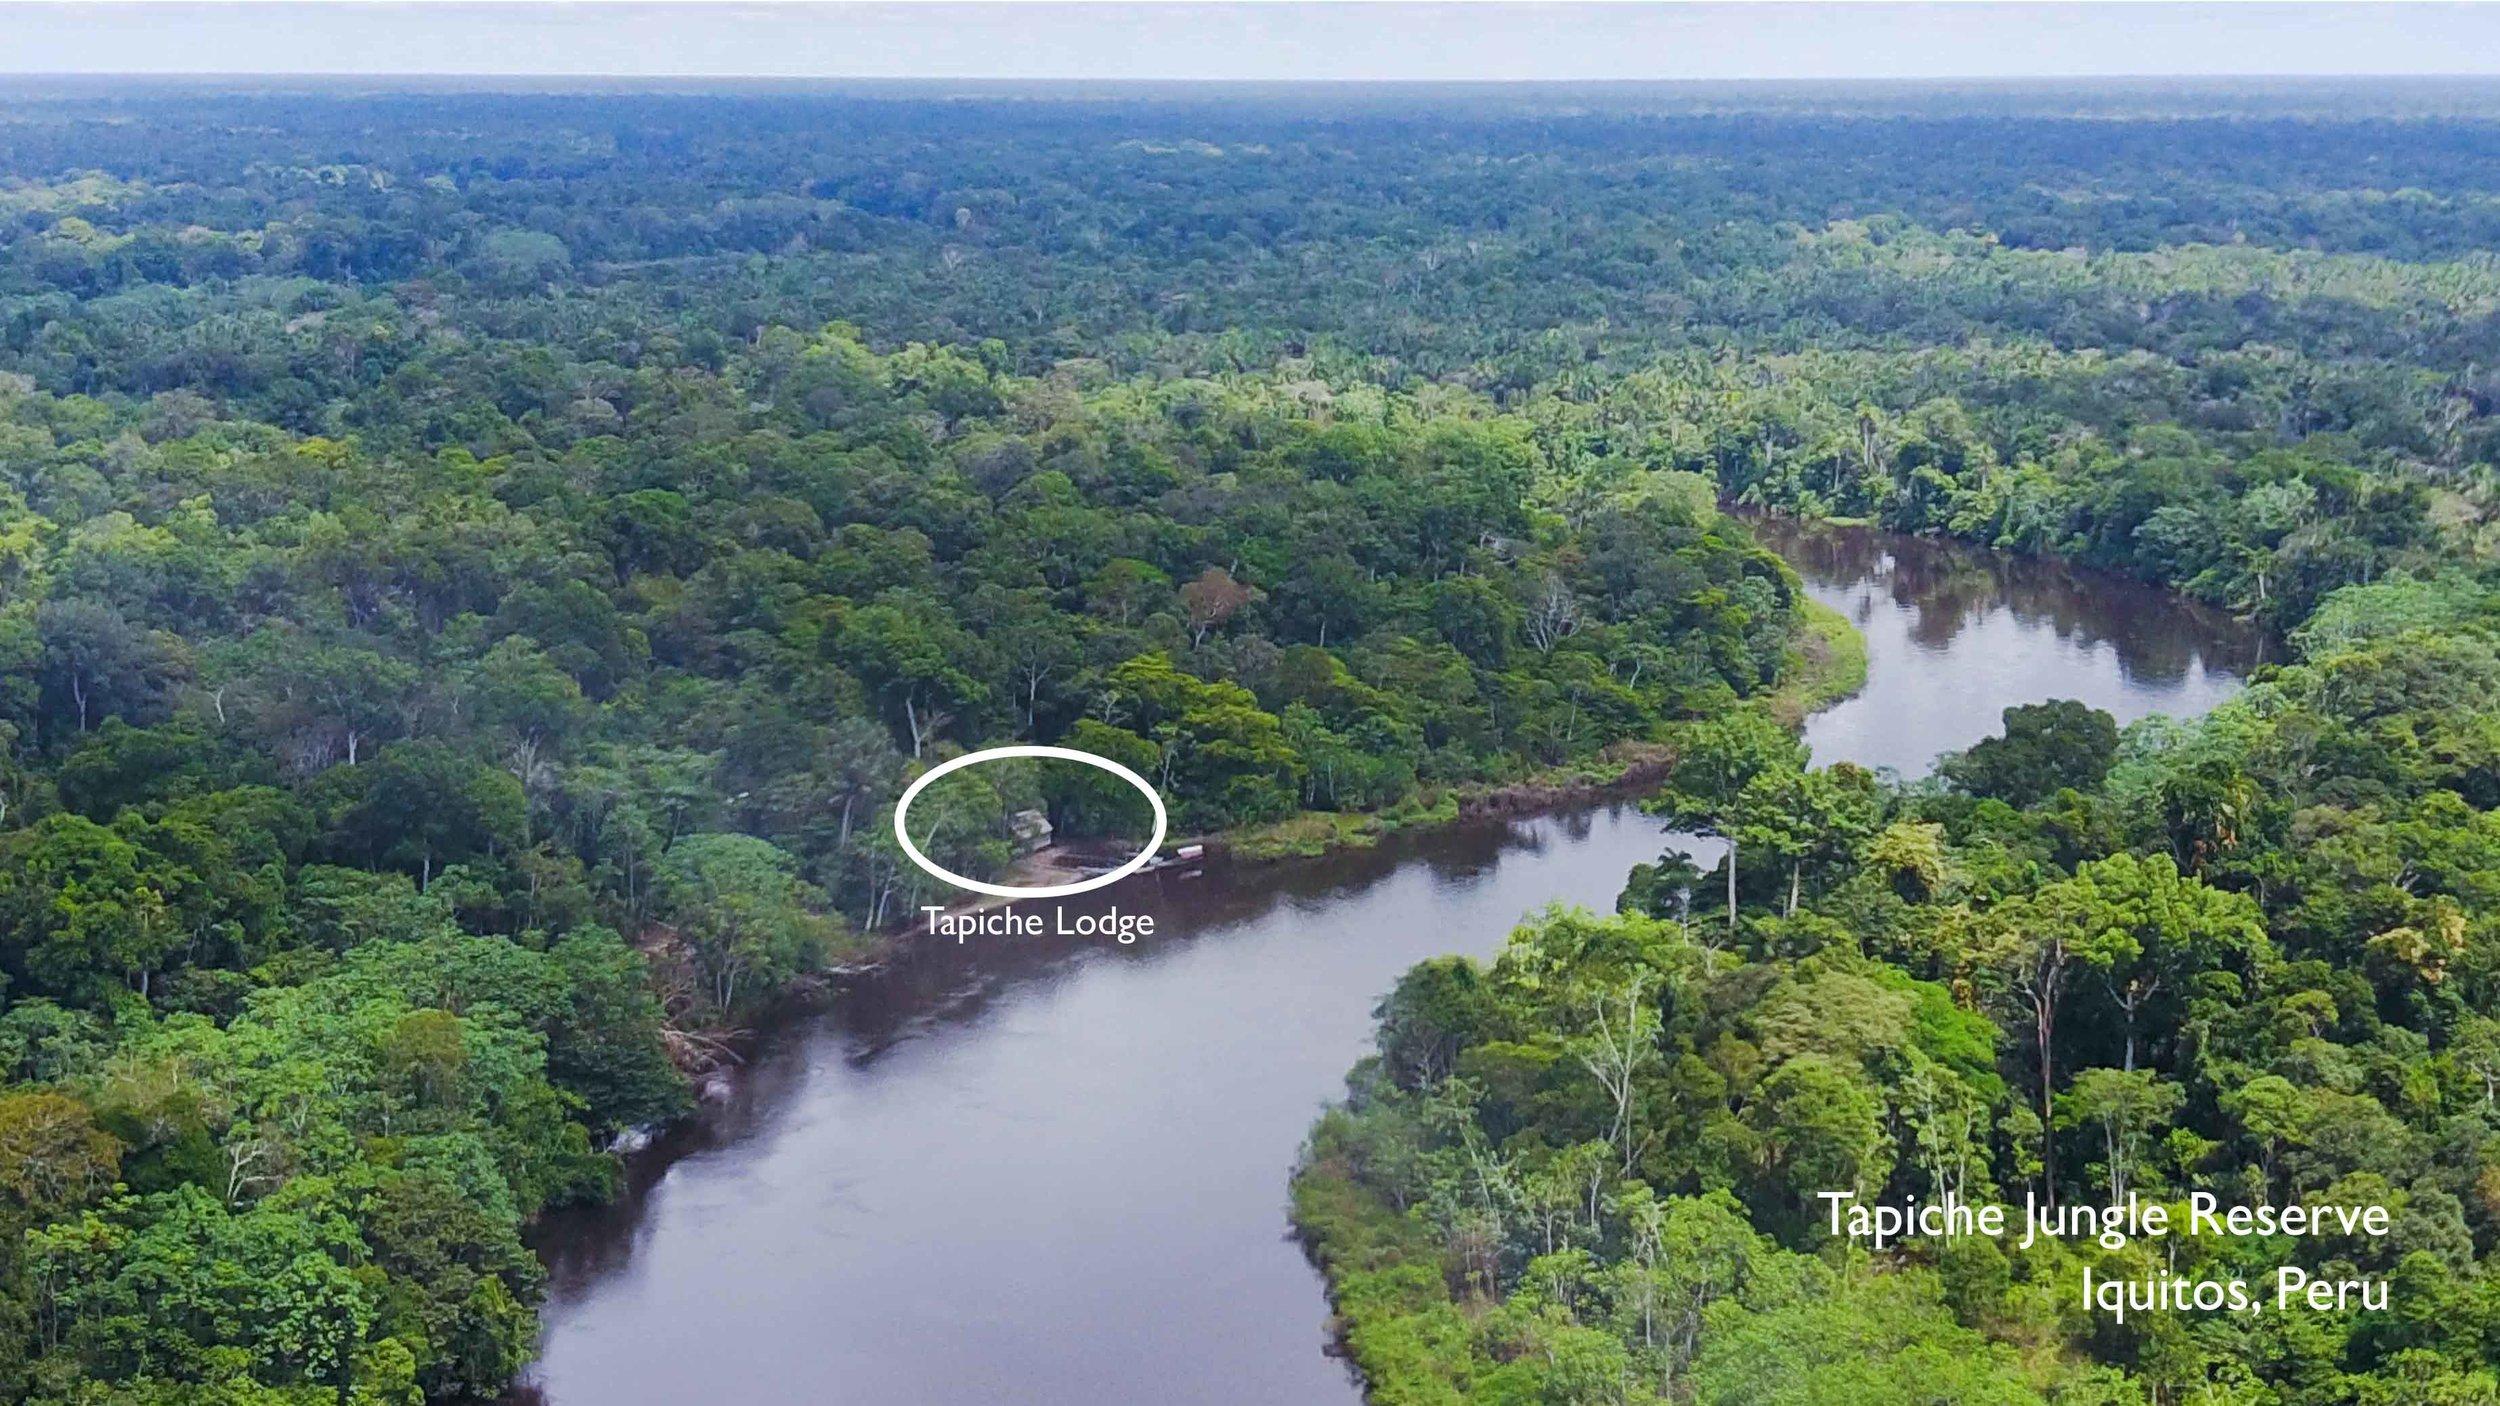 Tapiche-Amazon-Jungle-Tour-Peru-aerial-lodge-location.jpg